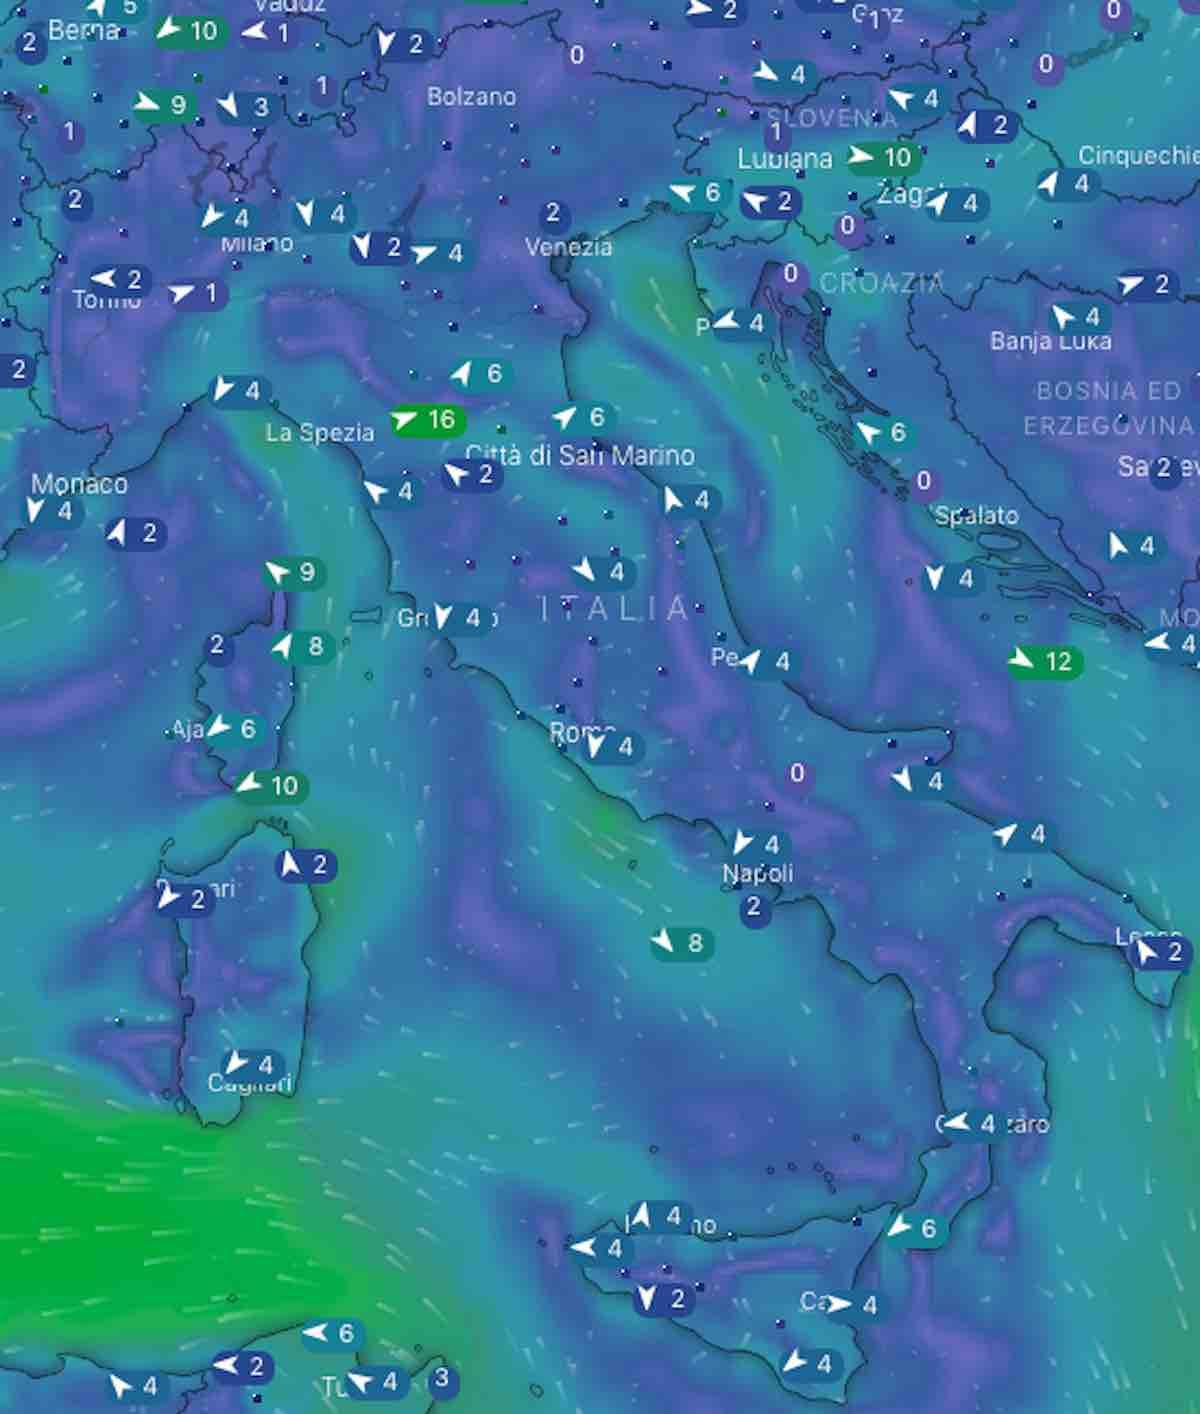 mappe mari e venti - Previsioni Meteo oggi domenica 21 luglio 2019 in Italia, tempo, temperature mari  e venti - meteoweek.com